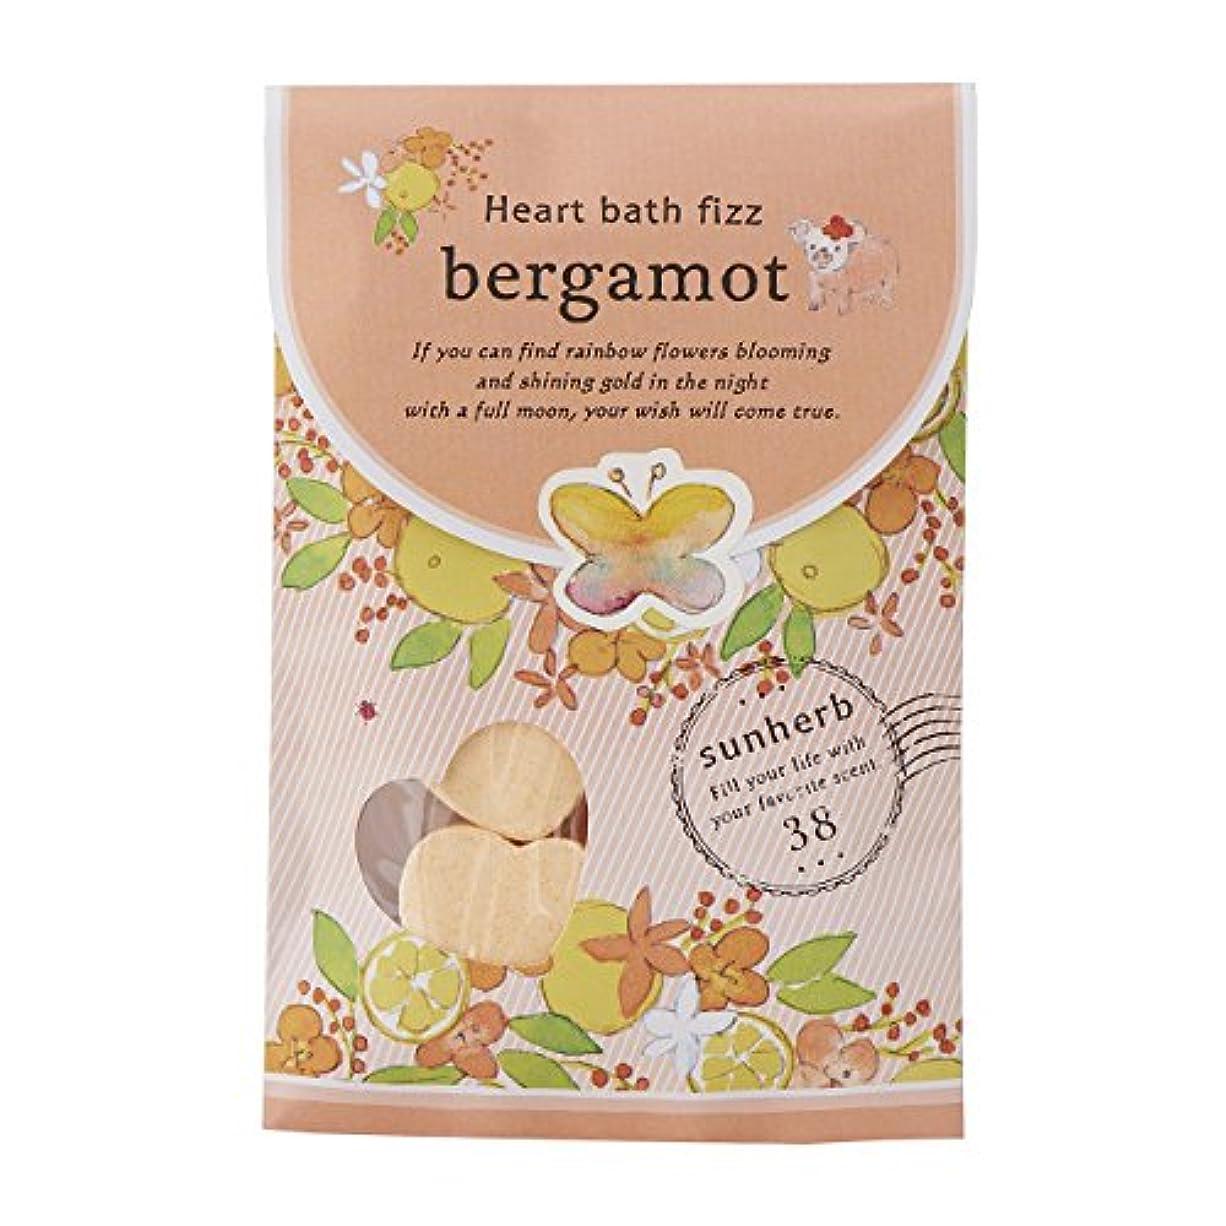 想定する社会科赤ちゃんサンハーブ ハートバスフィズ28g×2包 ベルガモット(発泡タイプの入浴料 懐かしい甘酸っぱい香り)